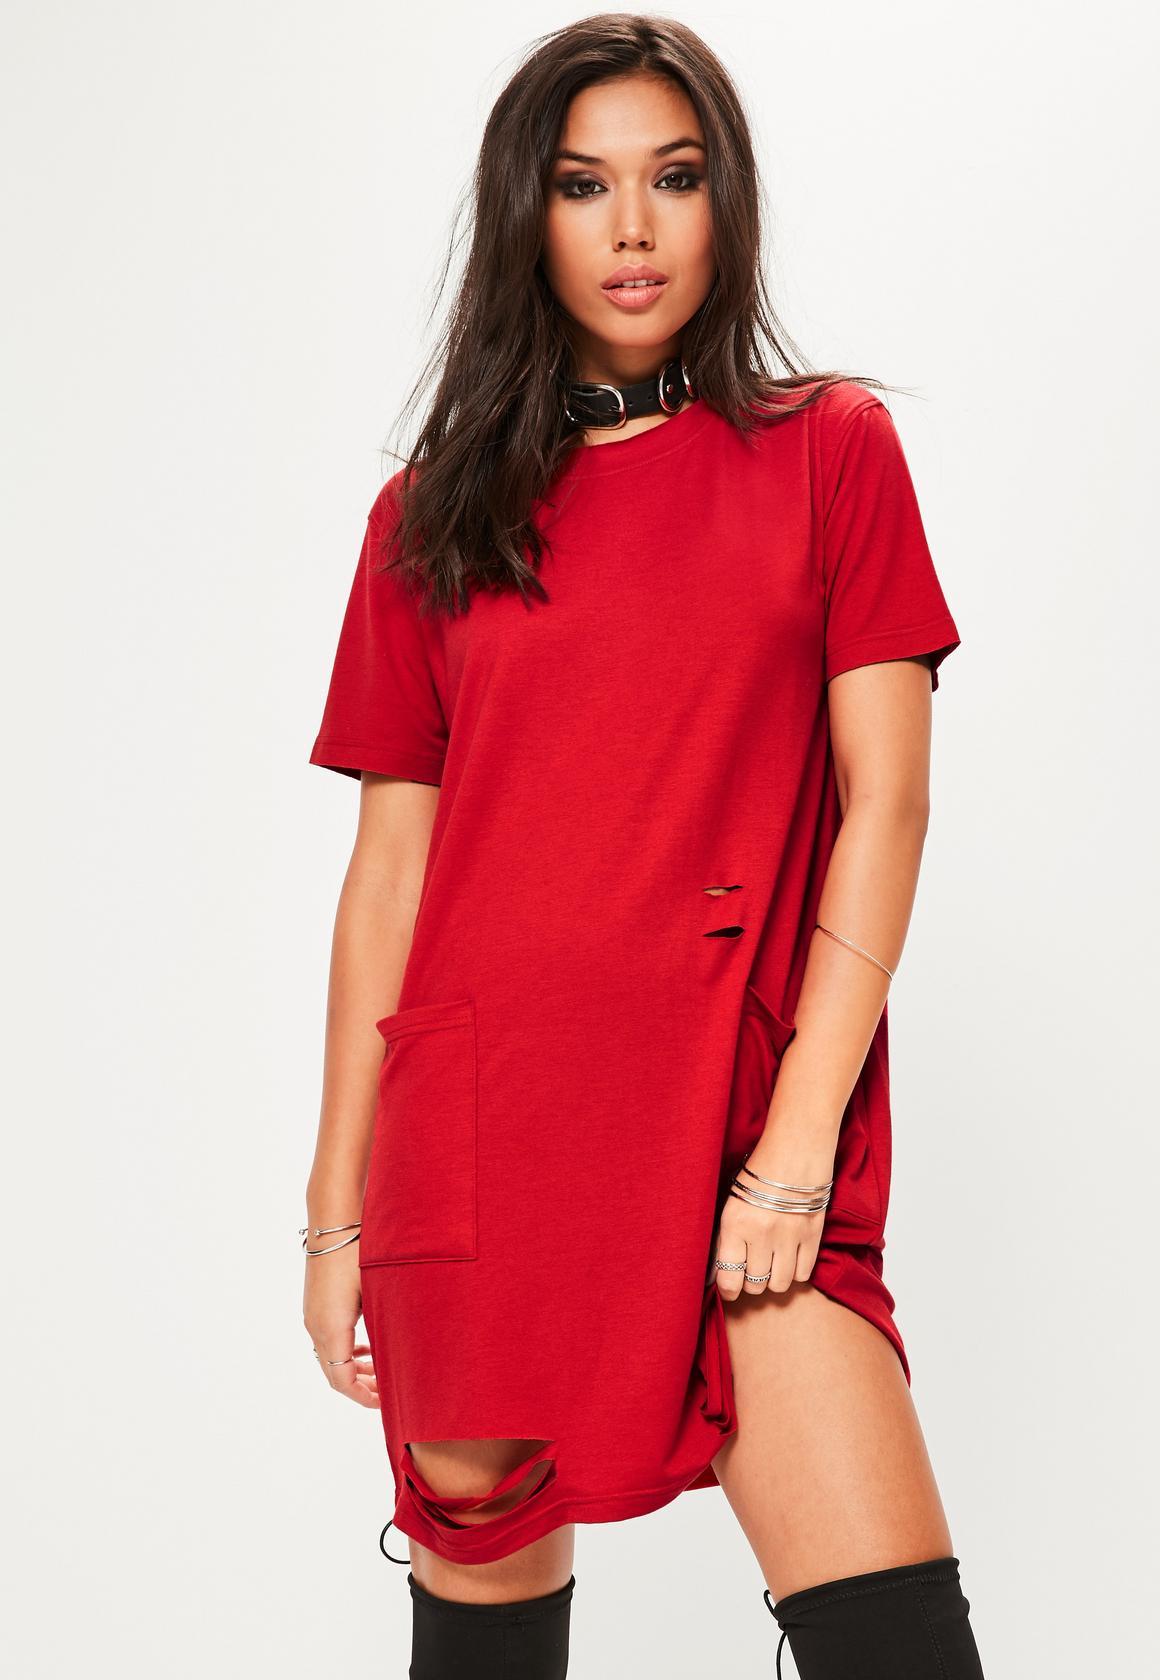 t shirt dress red distressed pocket t-shirt dress zgqqvjd